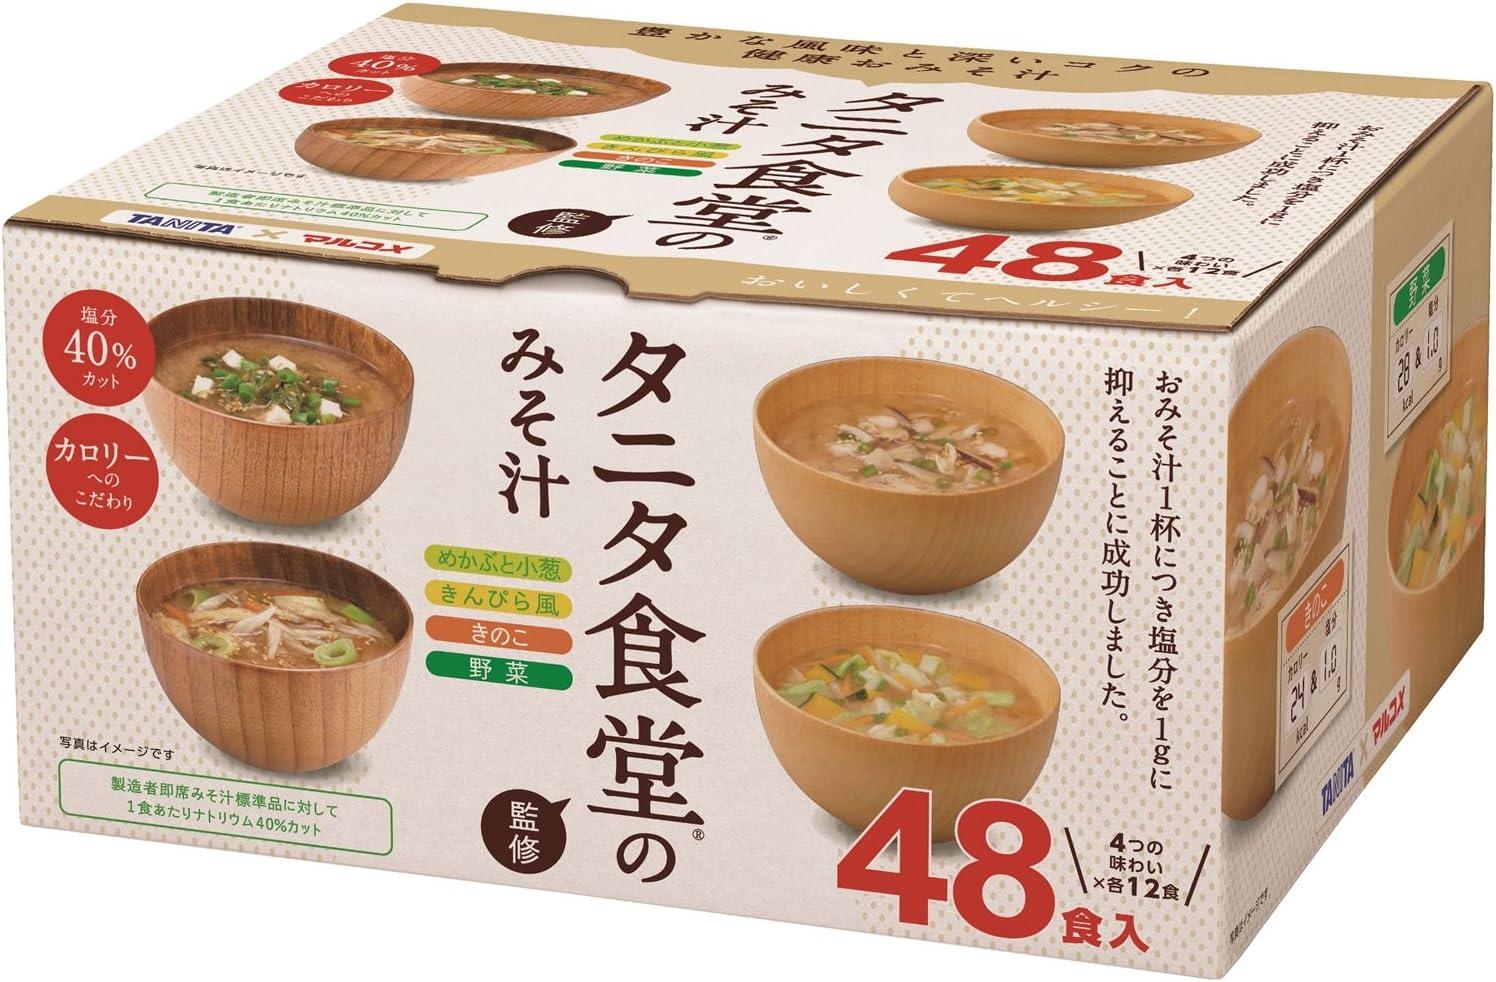 【マルコメ】タニタ食堂監修のみそ汁 減塩 即席味噌汁 塩分 40%カット 48食